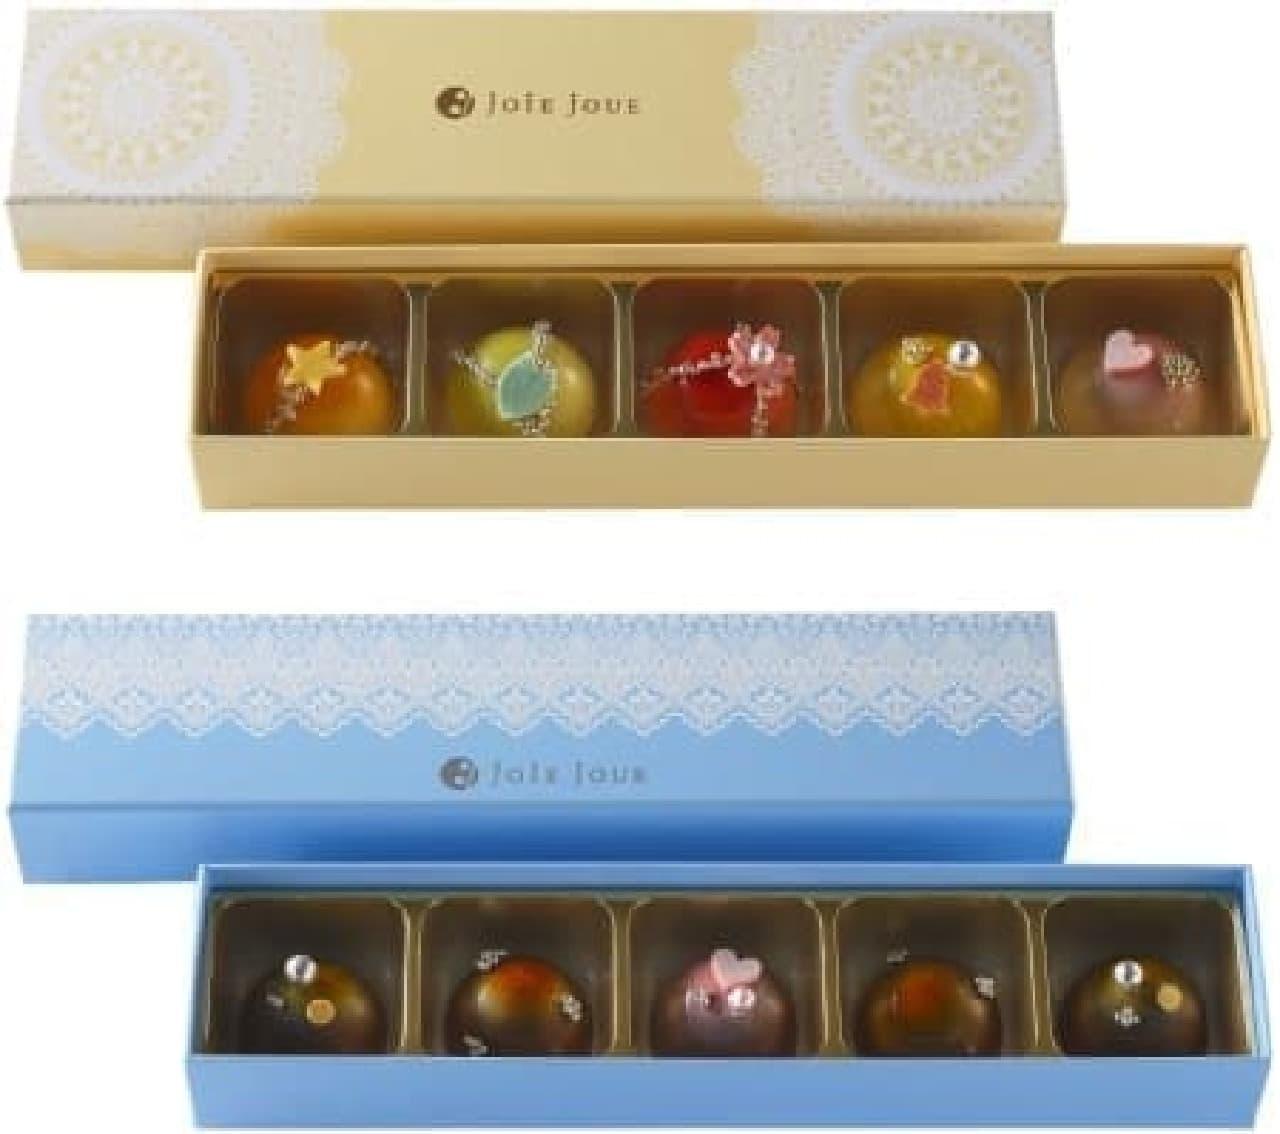 上:ホワイトチョコレート(5種5個入り)  下:ミルクチョコレート(3種5個入り)